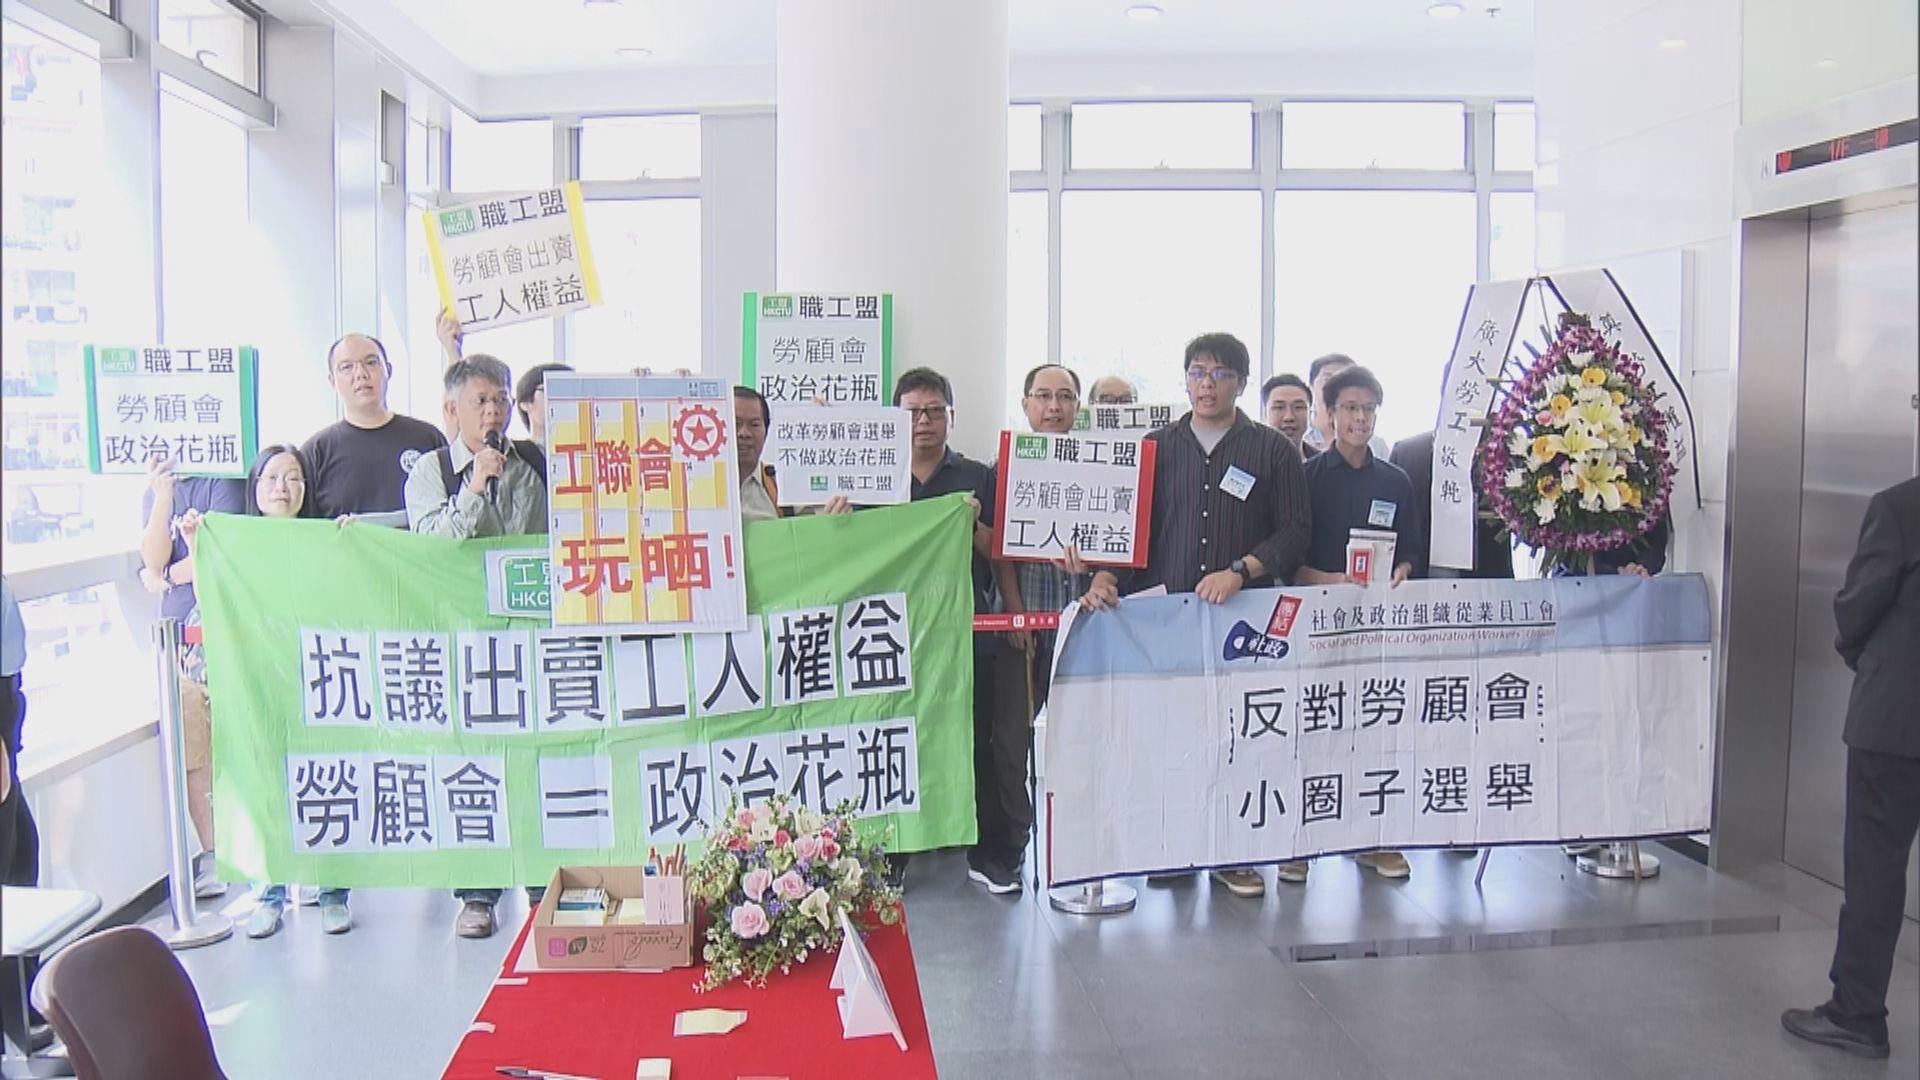 勞顧會僱員代表選舉 團體到場抗議